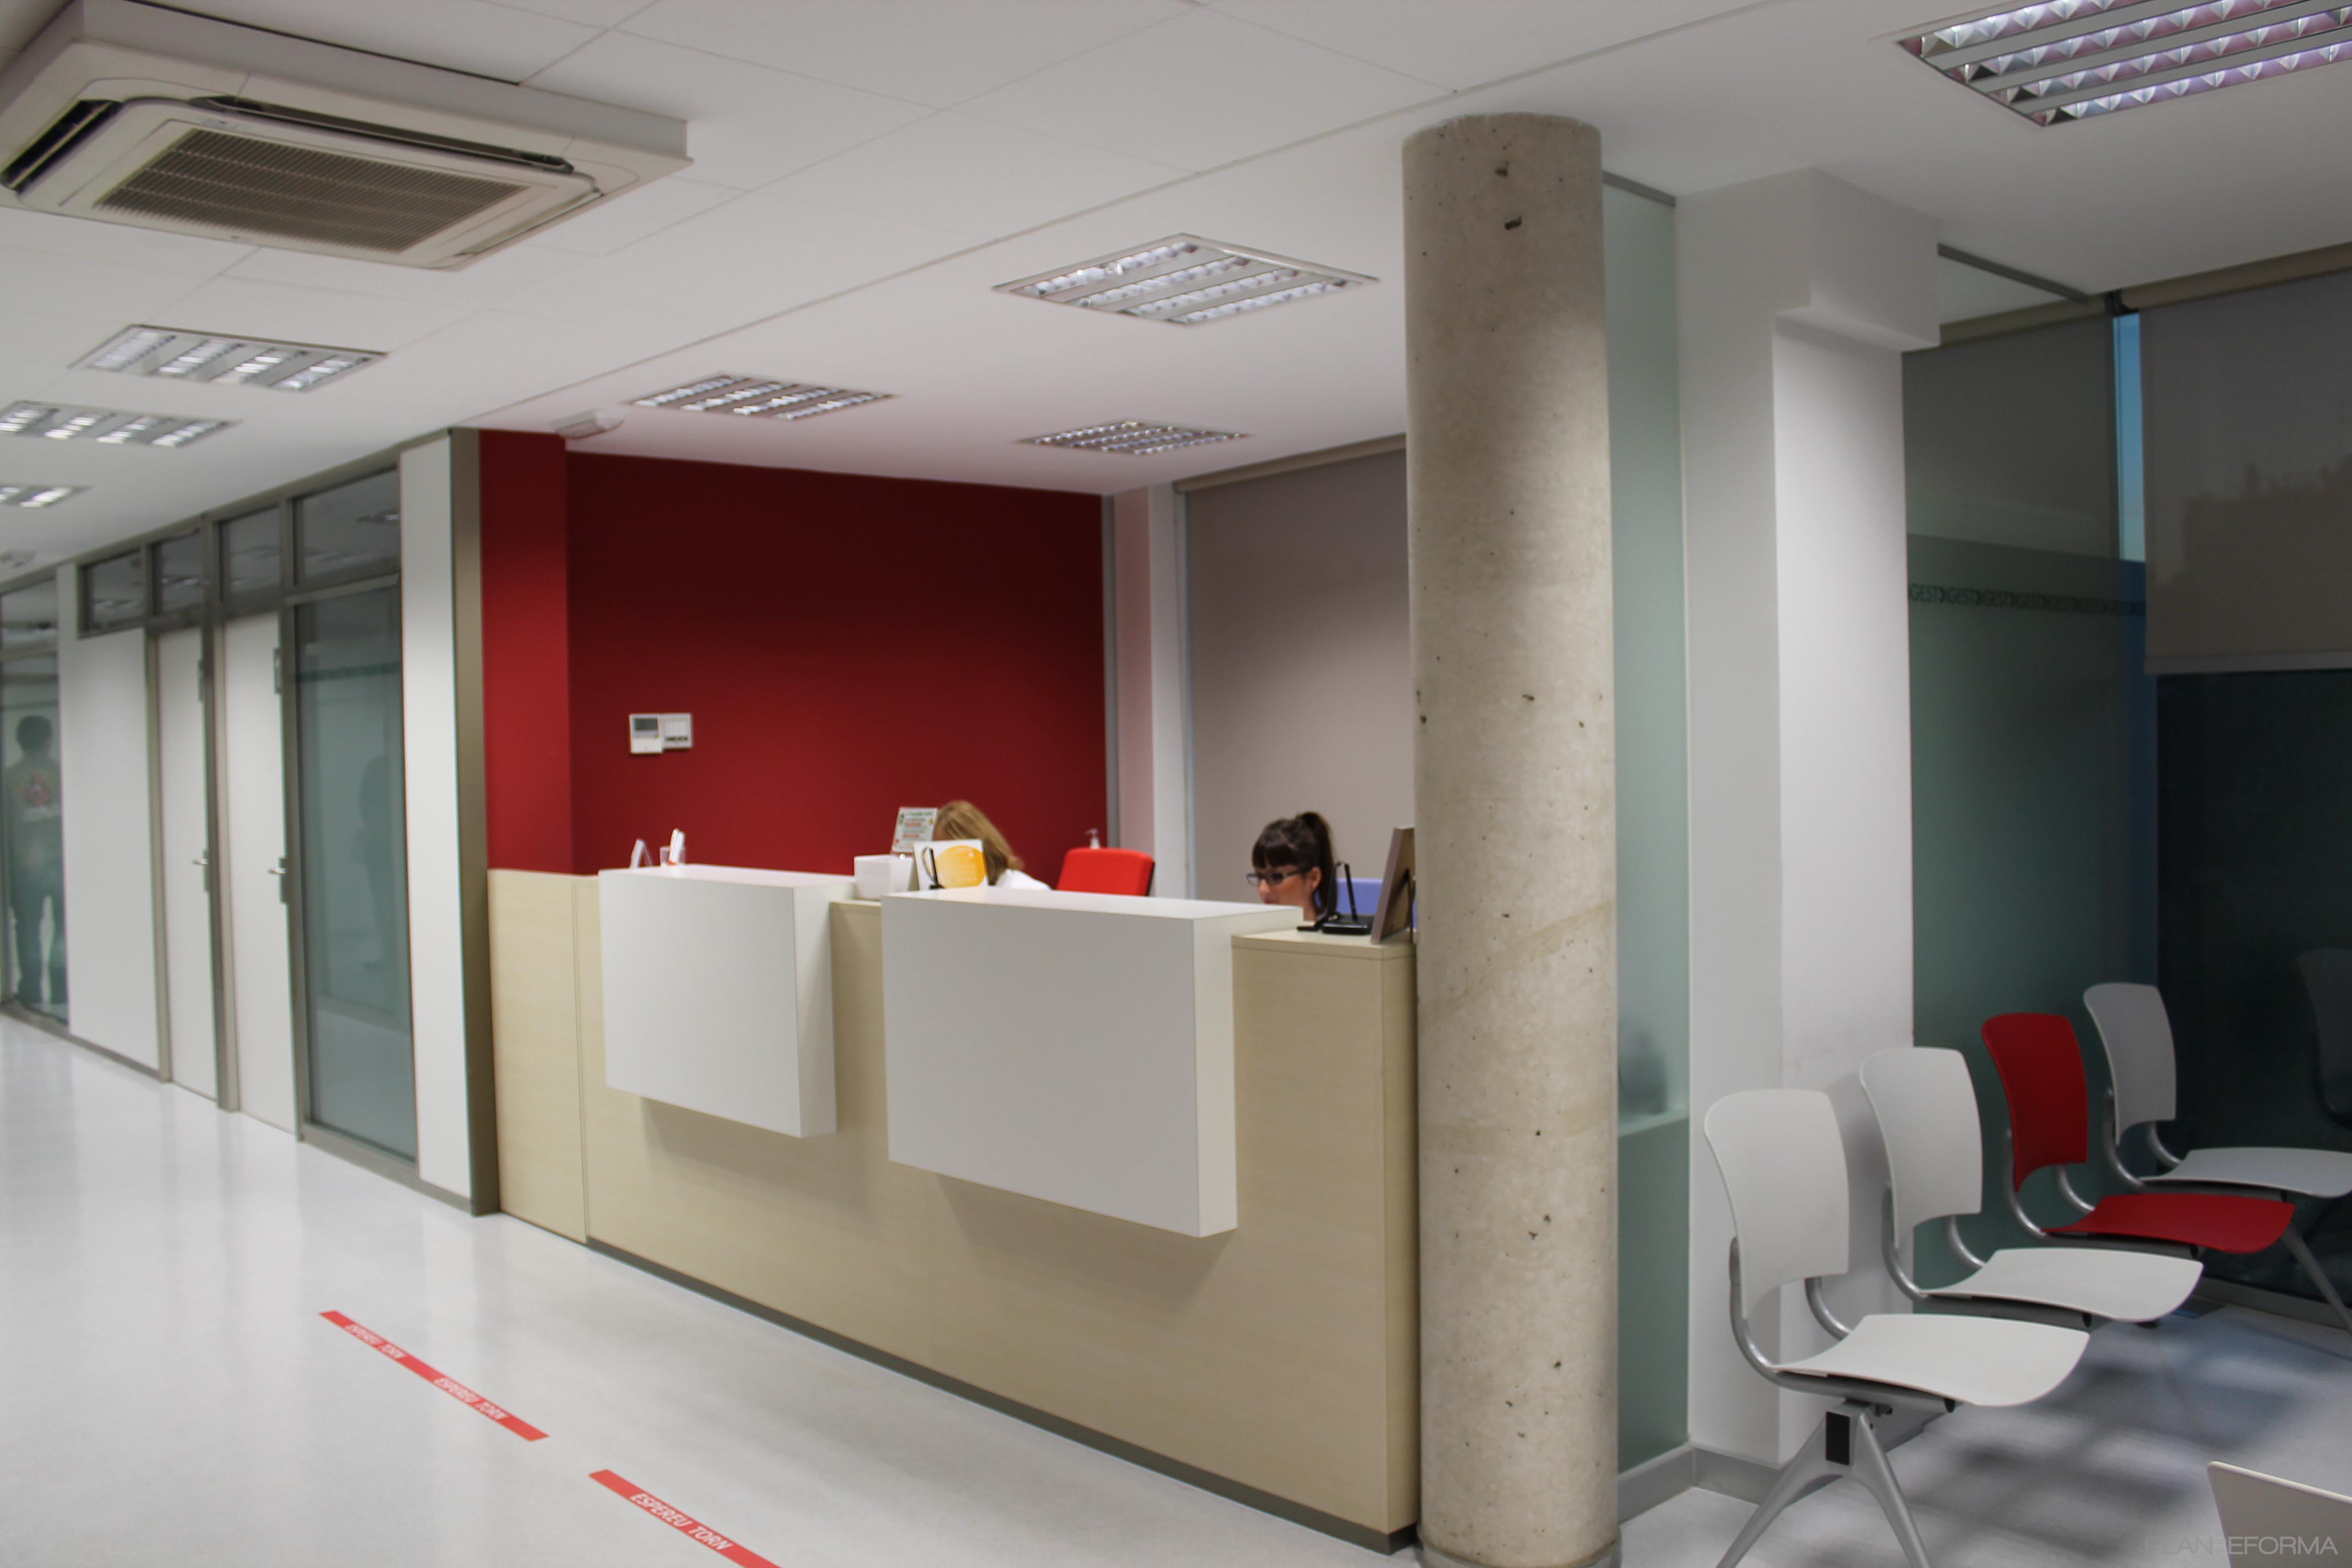 Vestibulo oficina estilo contemporaneo color rojo beige - Estilo arquitectura contemporaneo ...